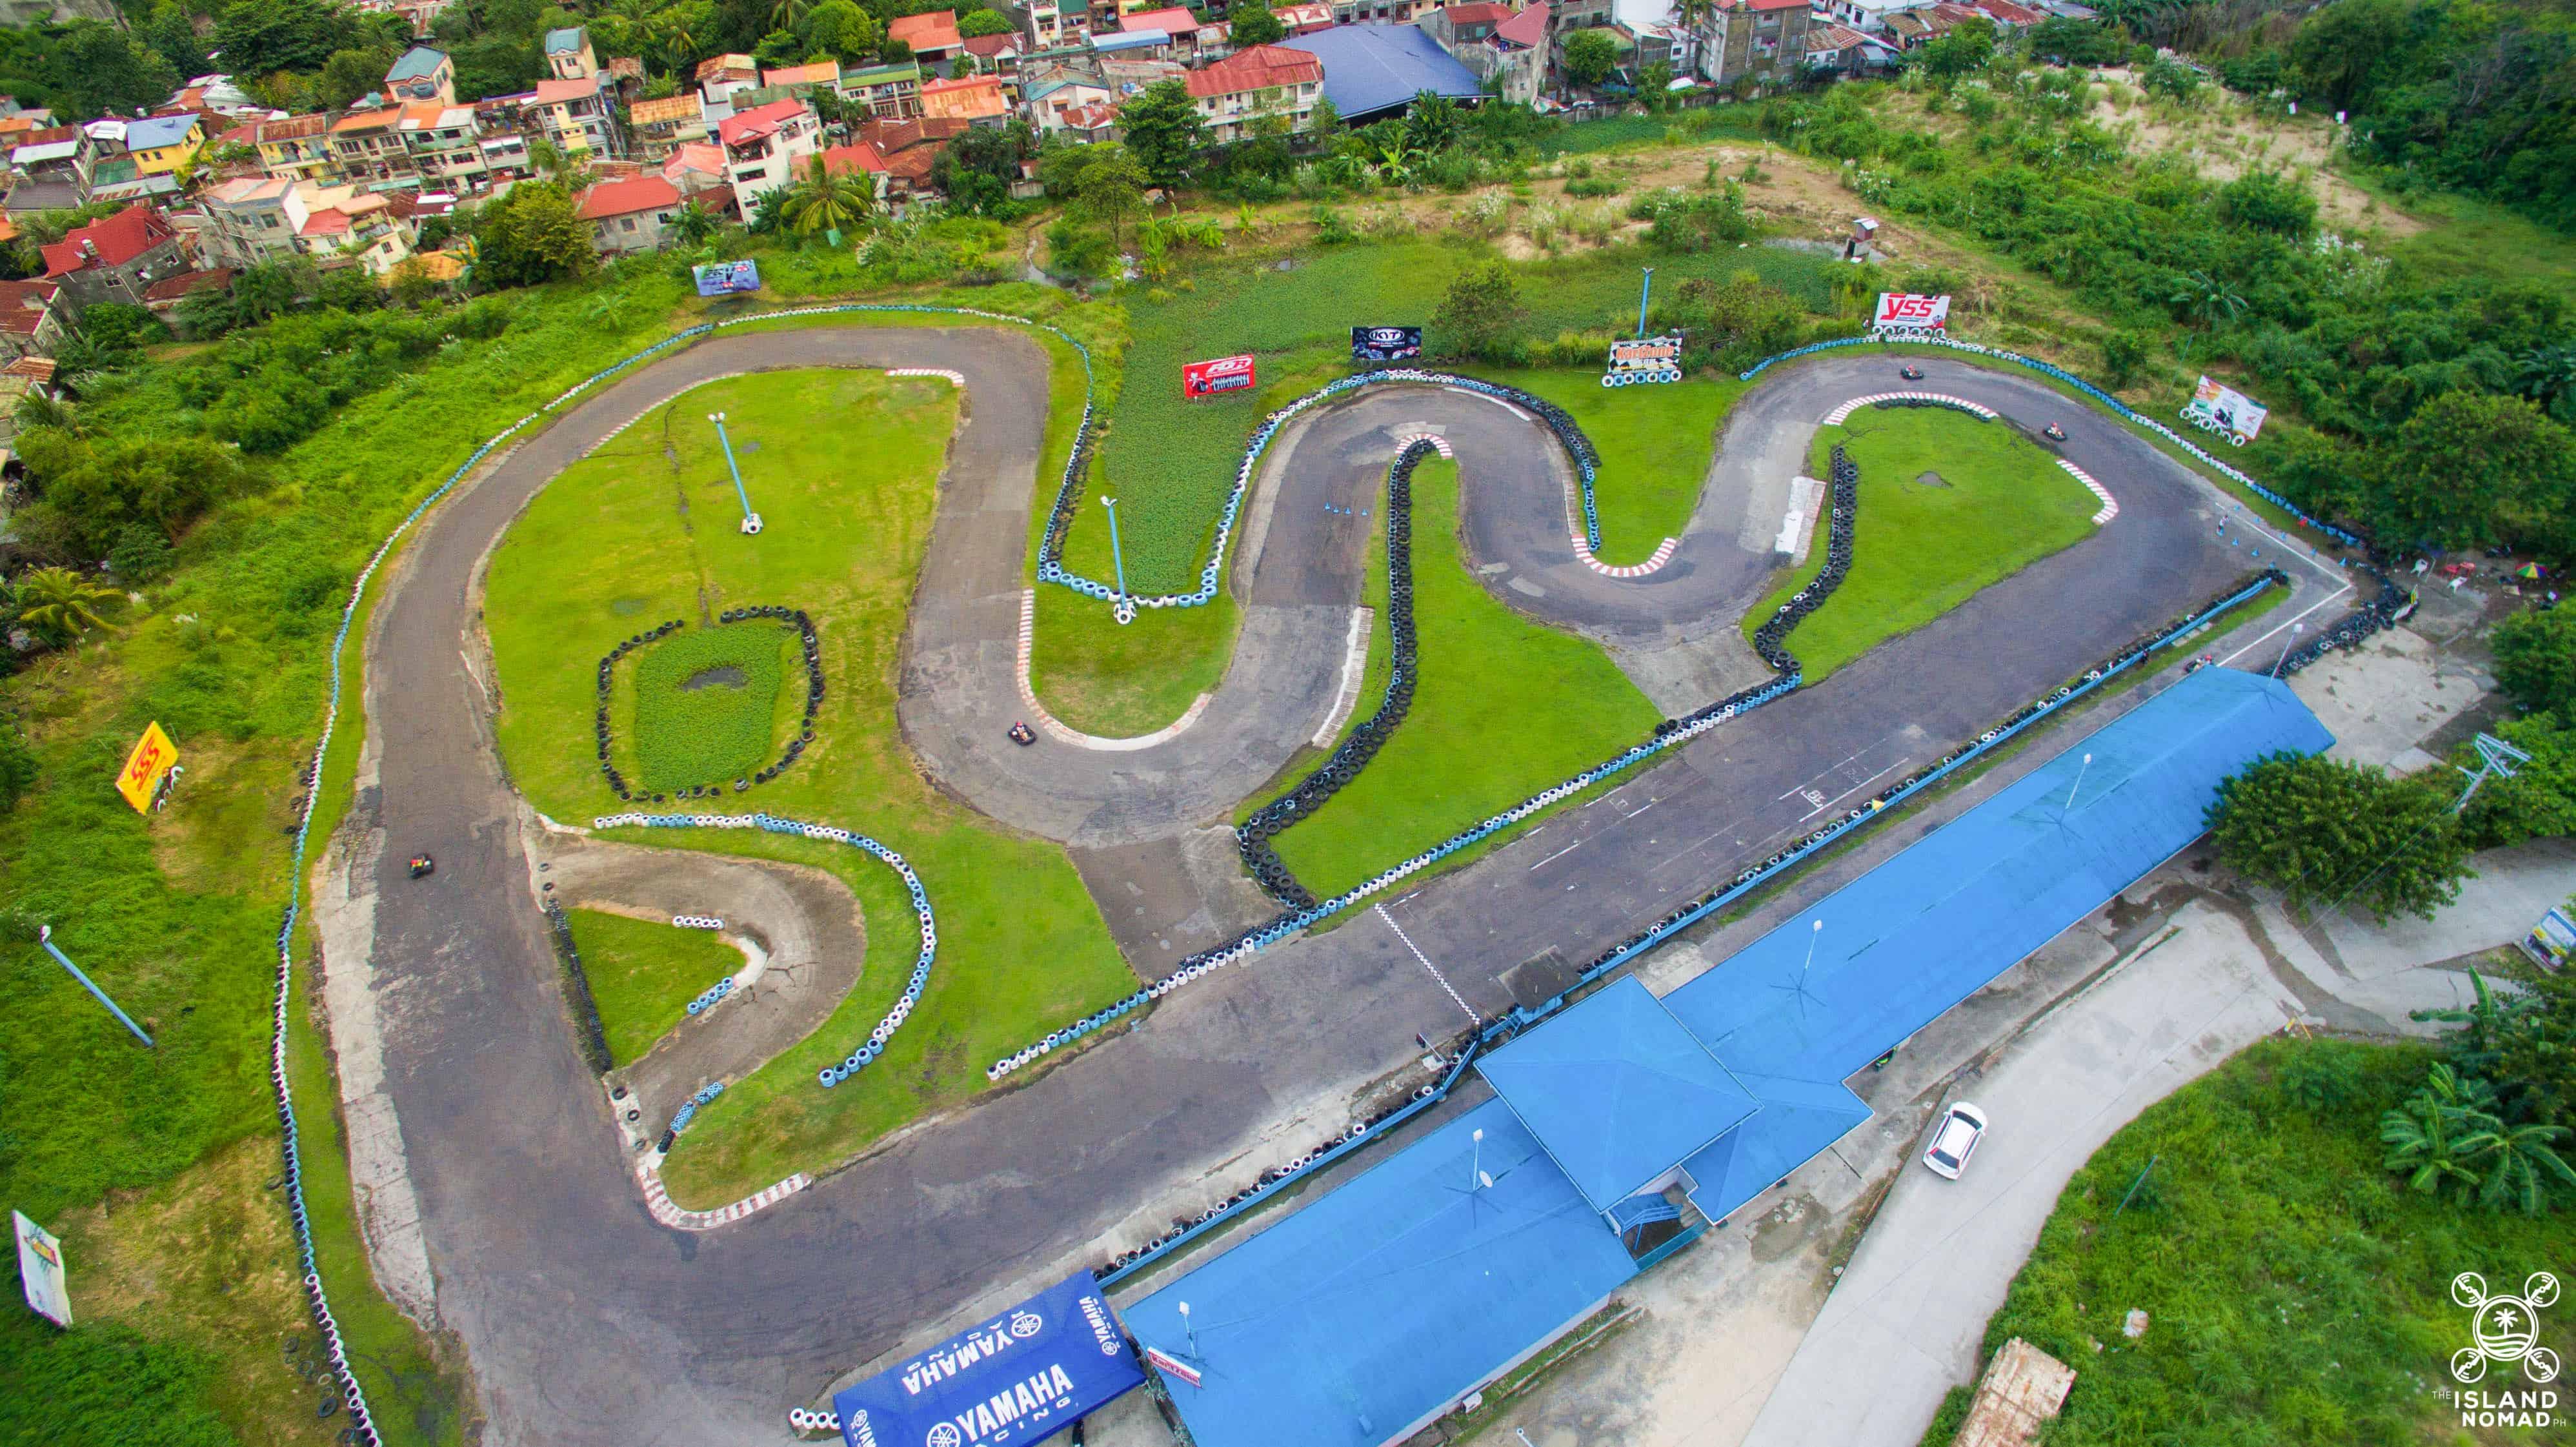 Kartzone Cebu (Kart Racing) (1)